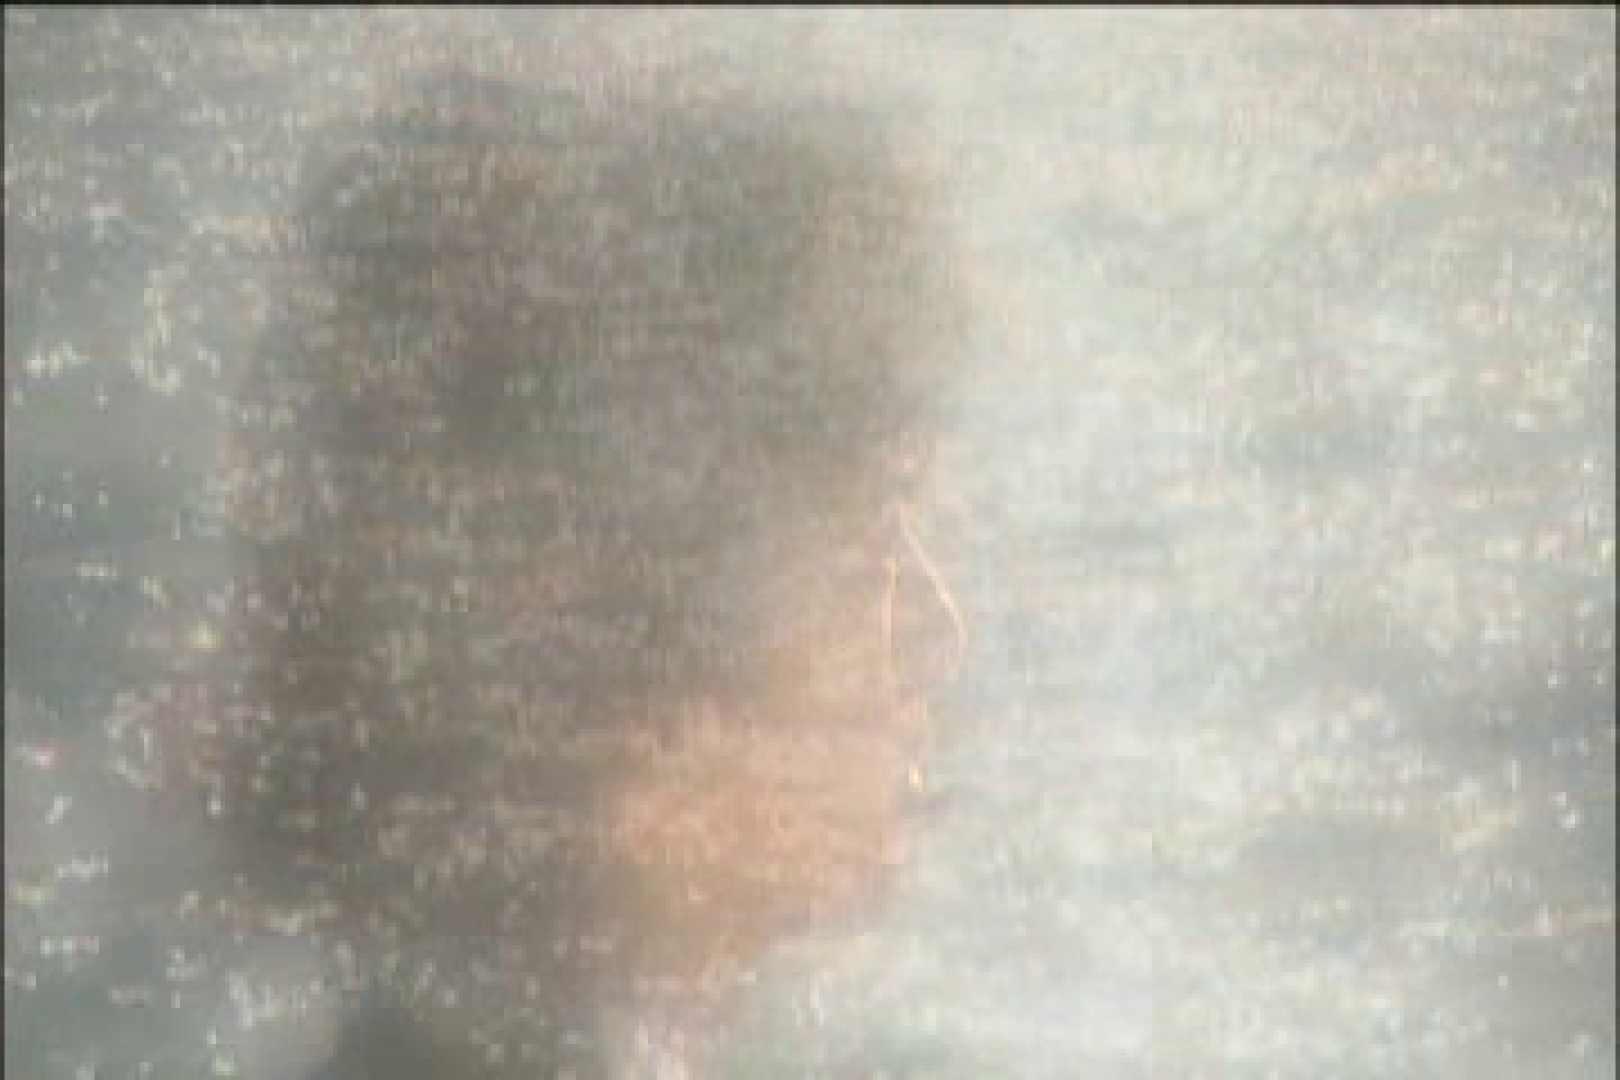 イケメン☆パラダイス〜男ざかりの君たちへ〜vol.40 アナル攻撃 ゲイフリーエロ画像 80pic 13